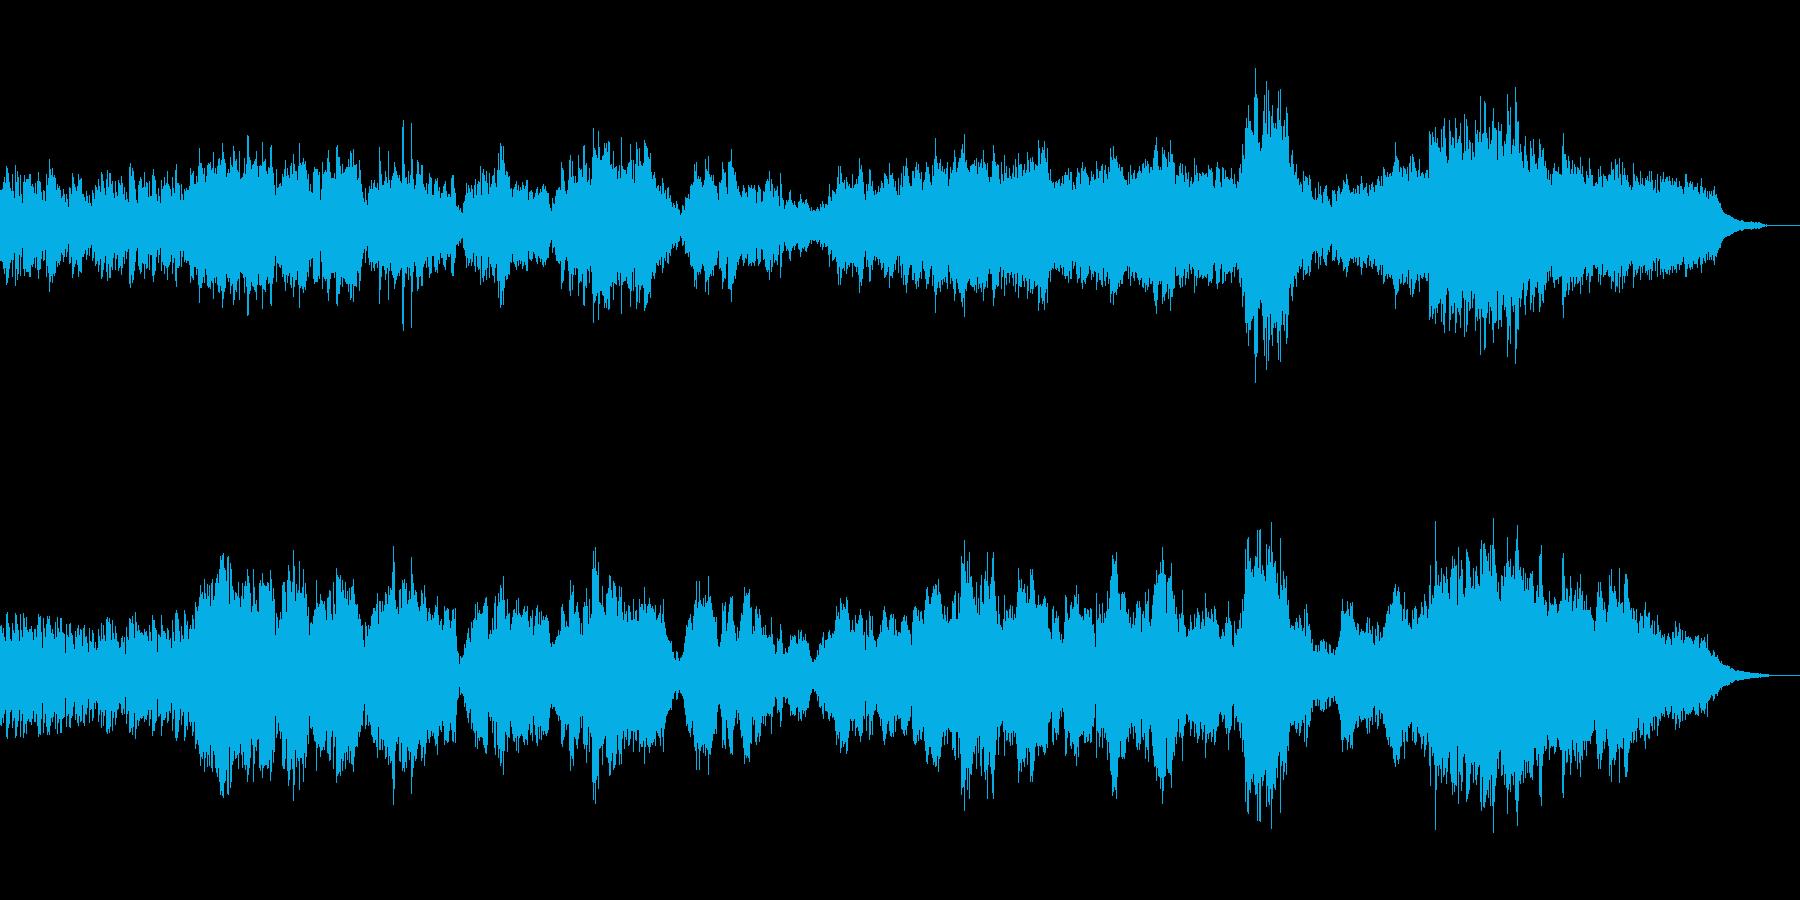 グノーのアヴェ・マリア、ピアノとチェロの再生済みの波形